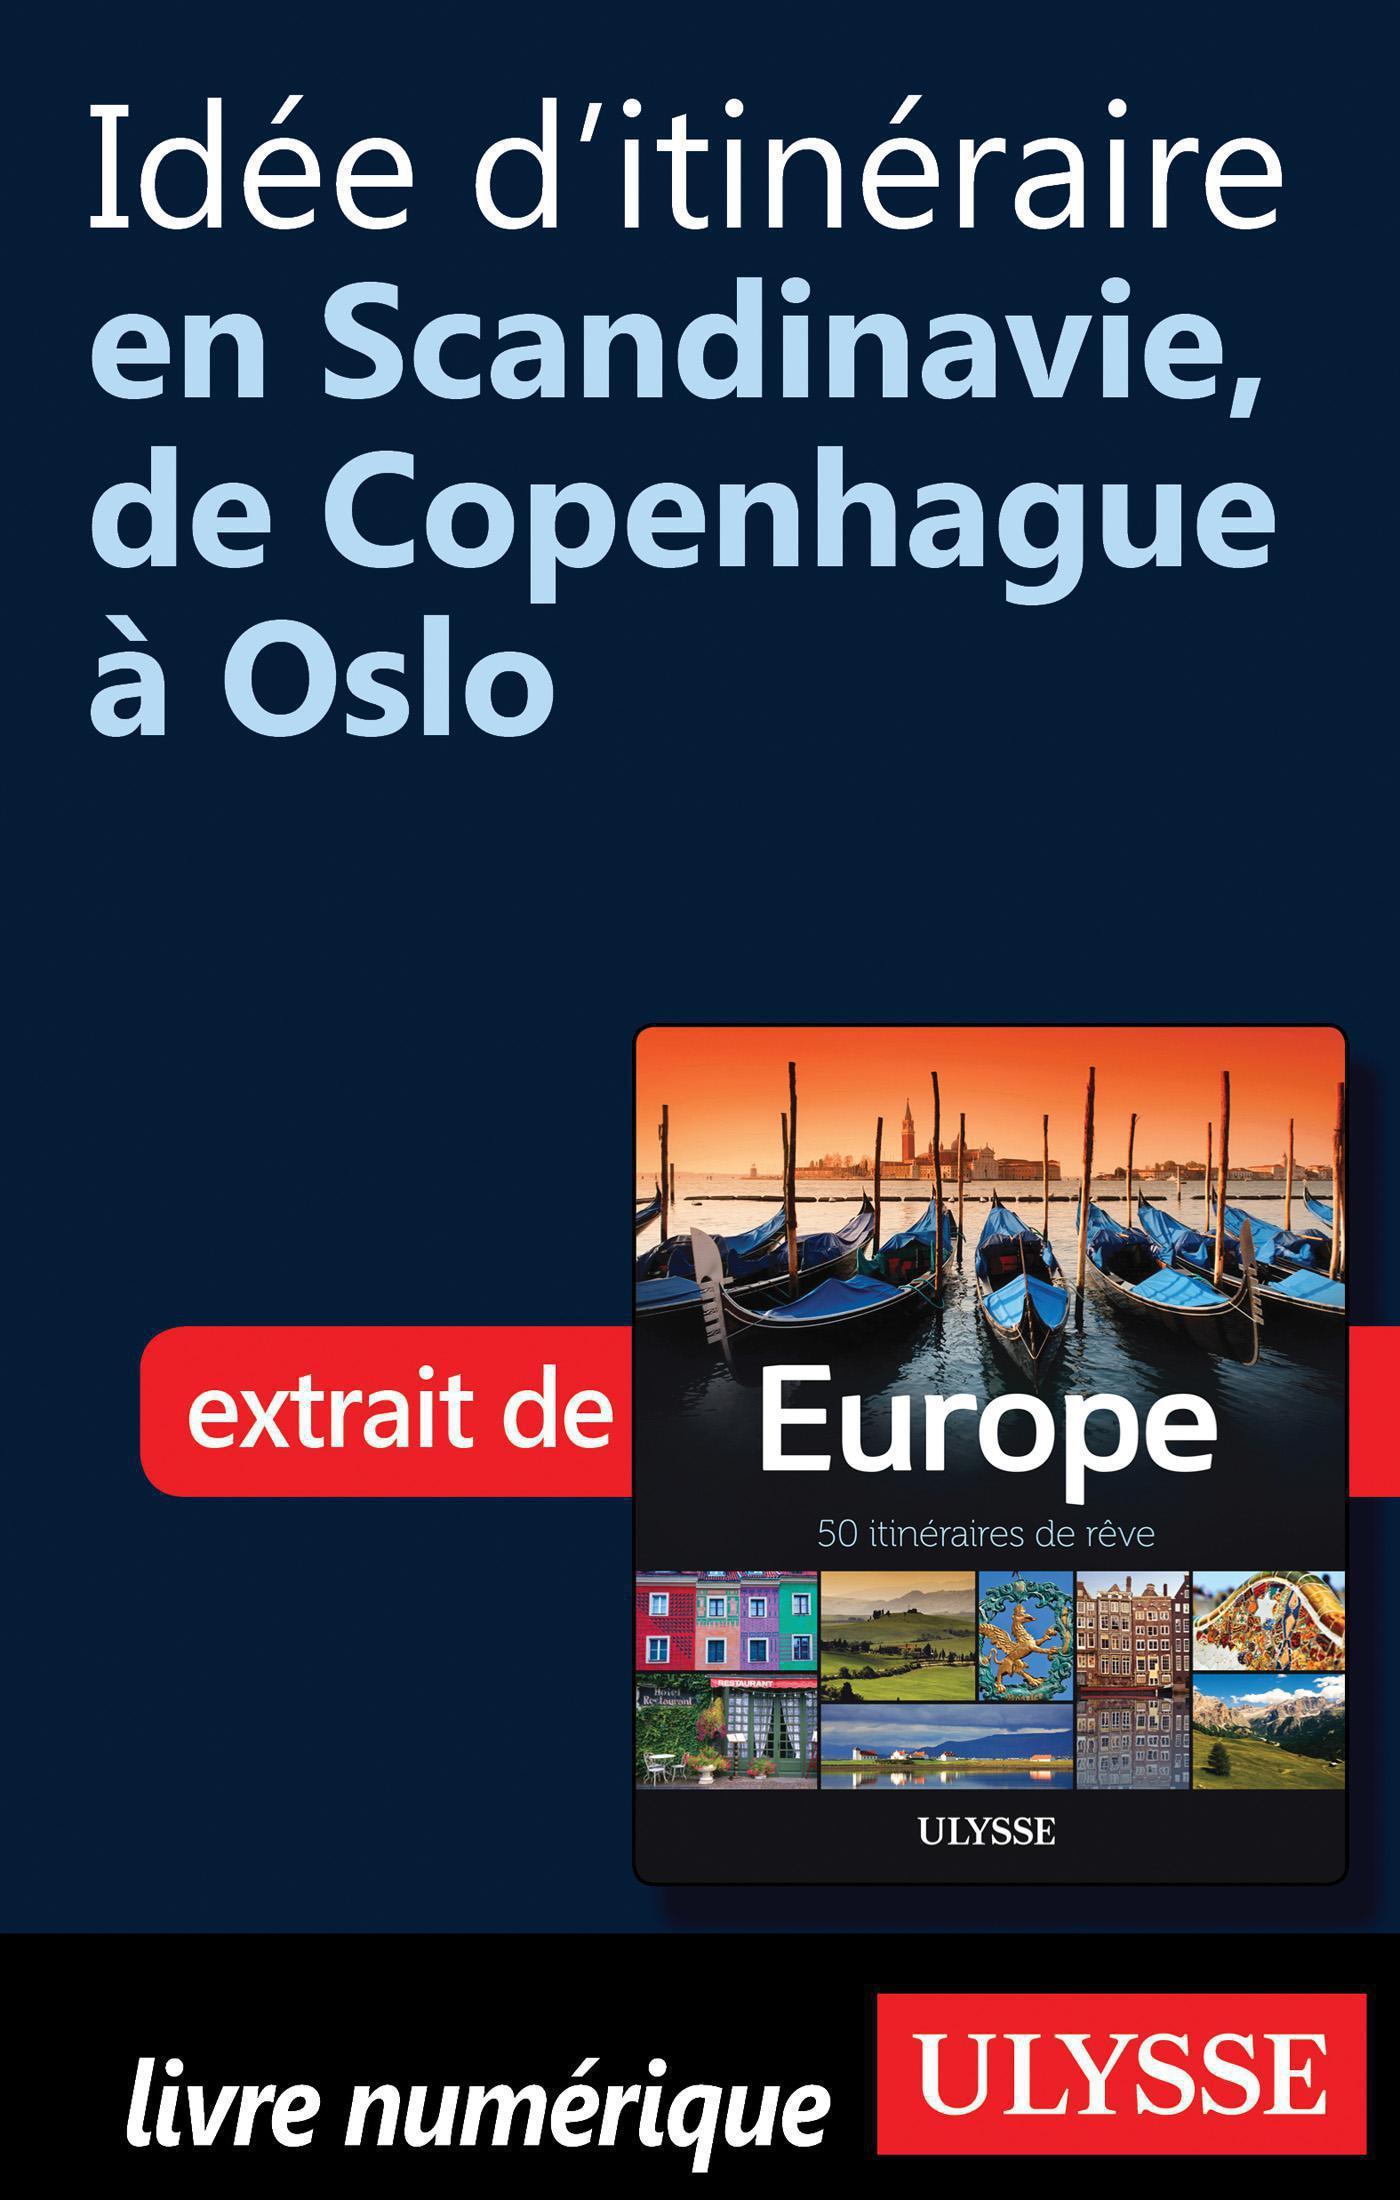 Idée d'itinéraire en Scandinavie, de Copenhague à Oslo